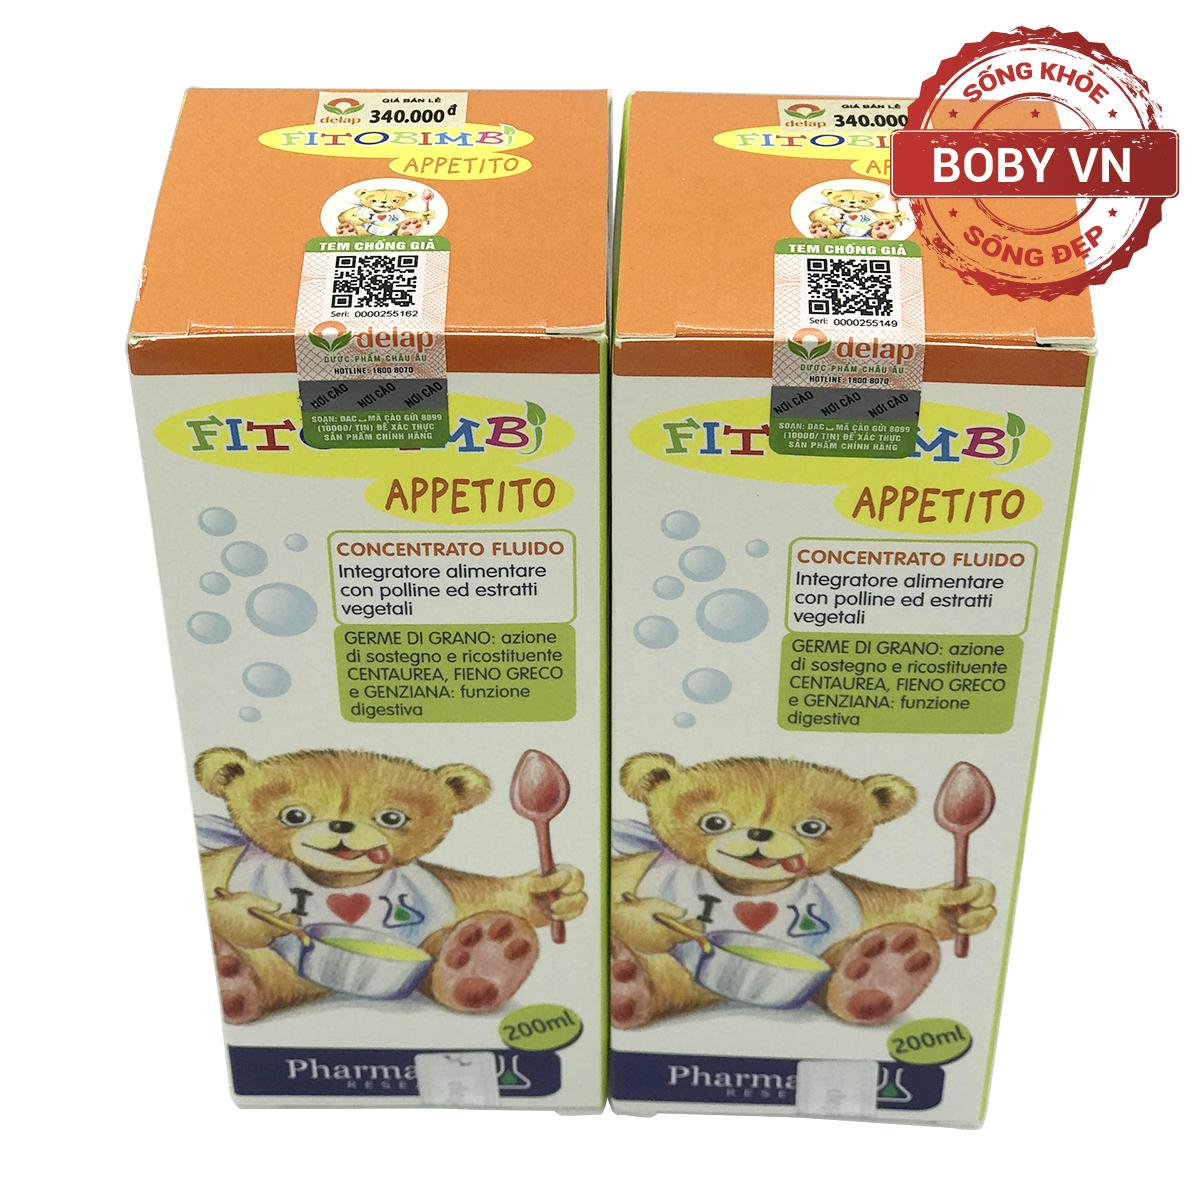 Appetito Bimbi giúp bé ăn ngon hơn hỗ trợ điều trị biếng ăn ở trẻ - Nhập khẩu từ Ý - Chính hãng